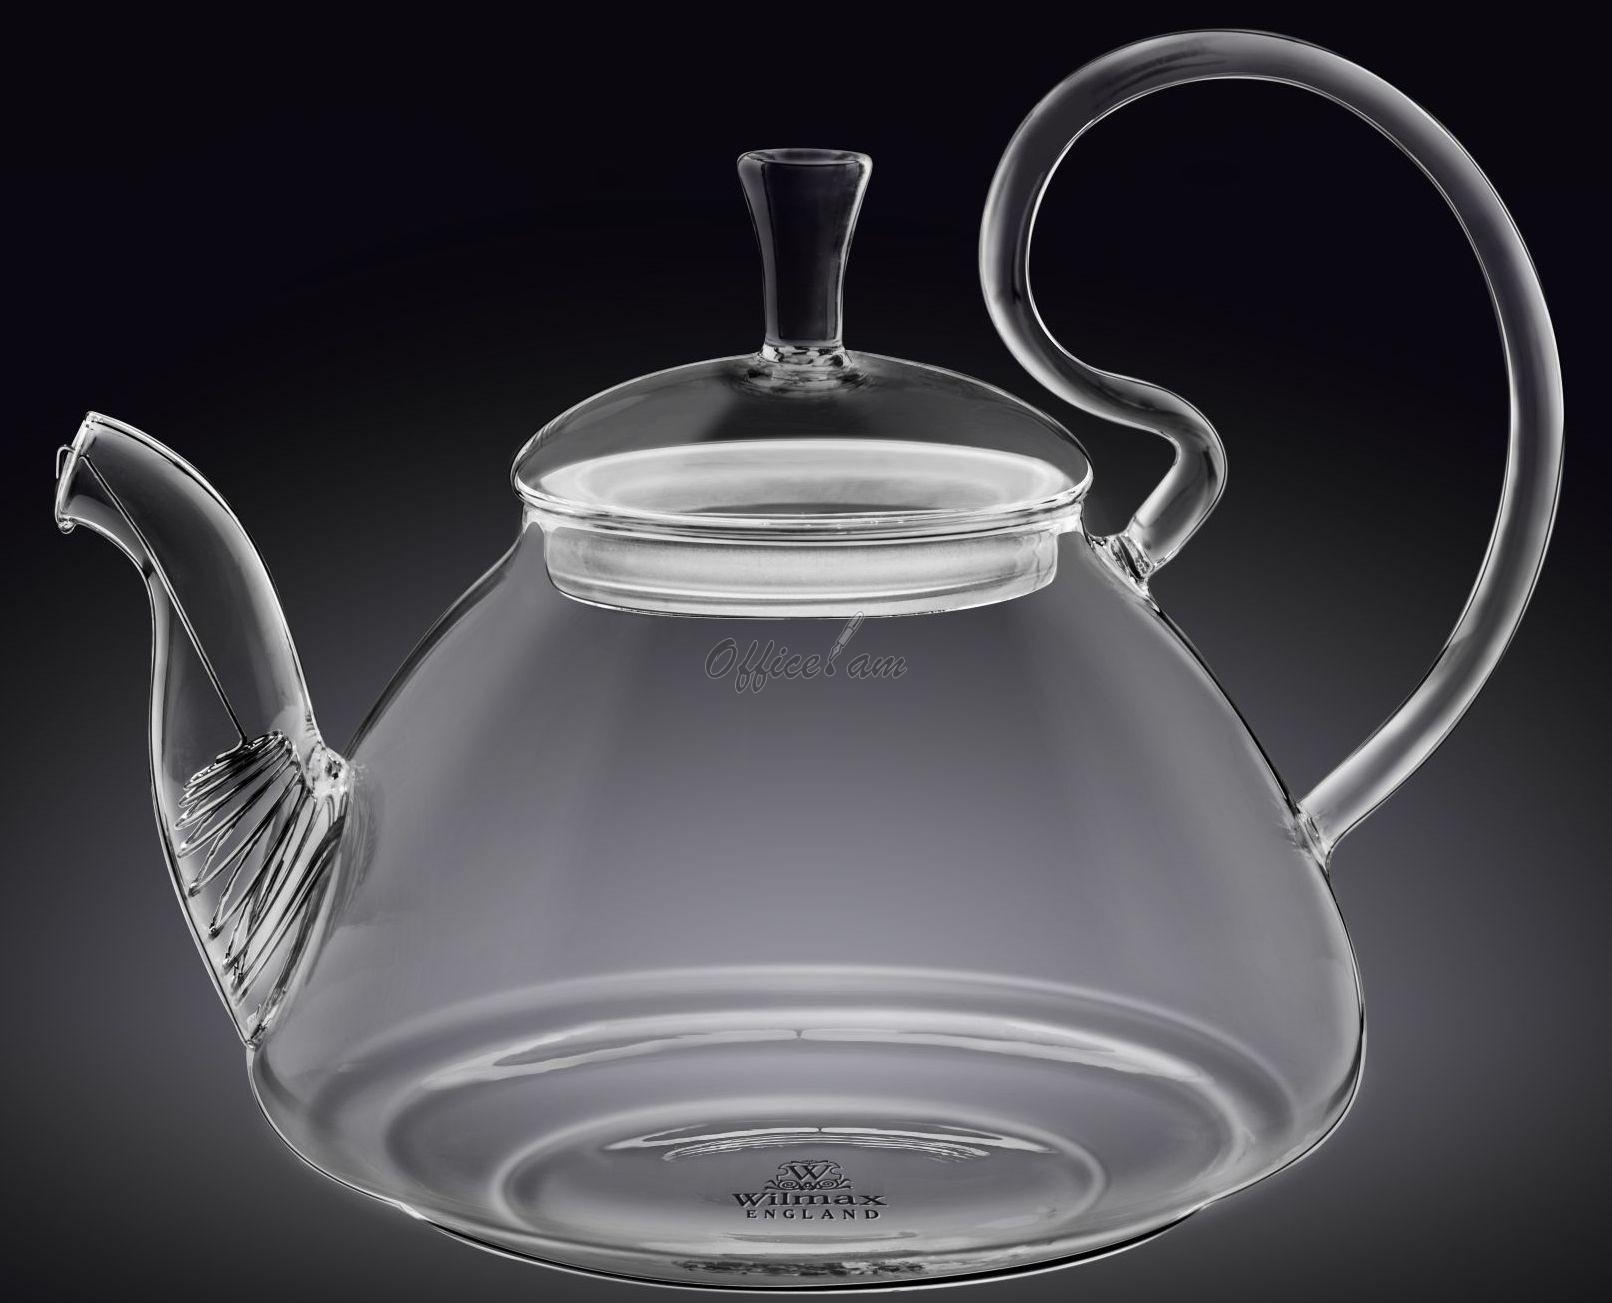 Чайник для заварки Wilmax 888816, 600мл